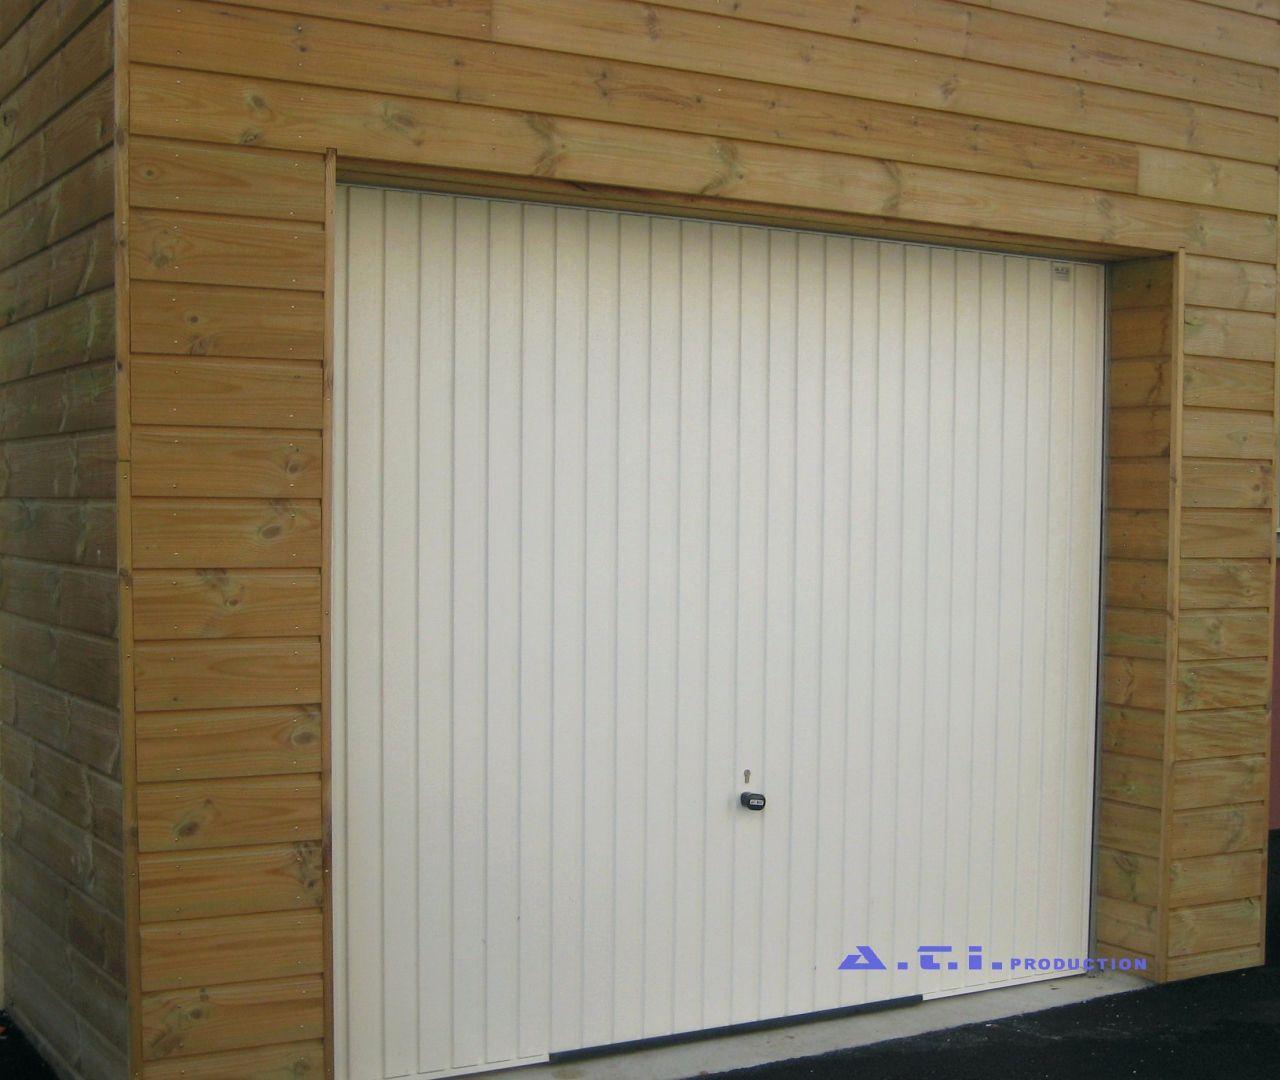 70 Porte De Garage A Enroulement Check More At Https Www Dtvuy Info Porte De Garage A Enroulement